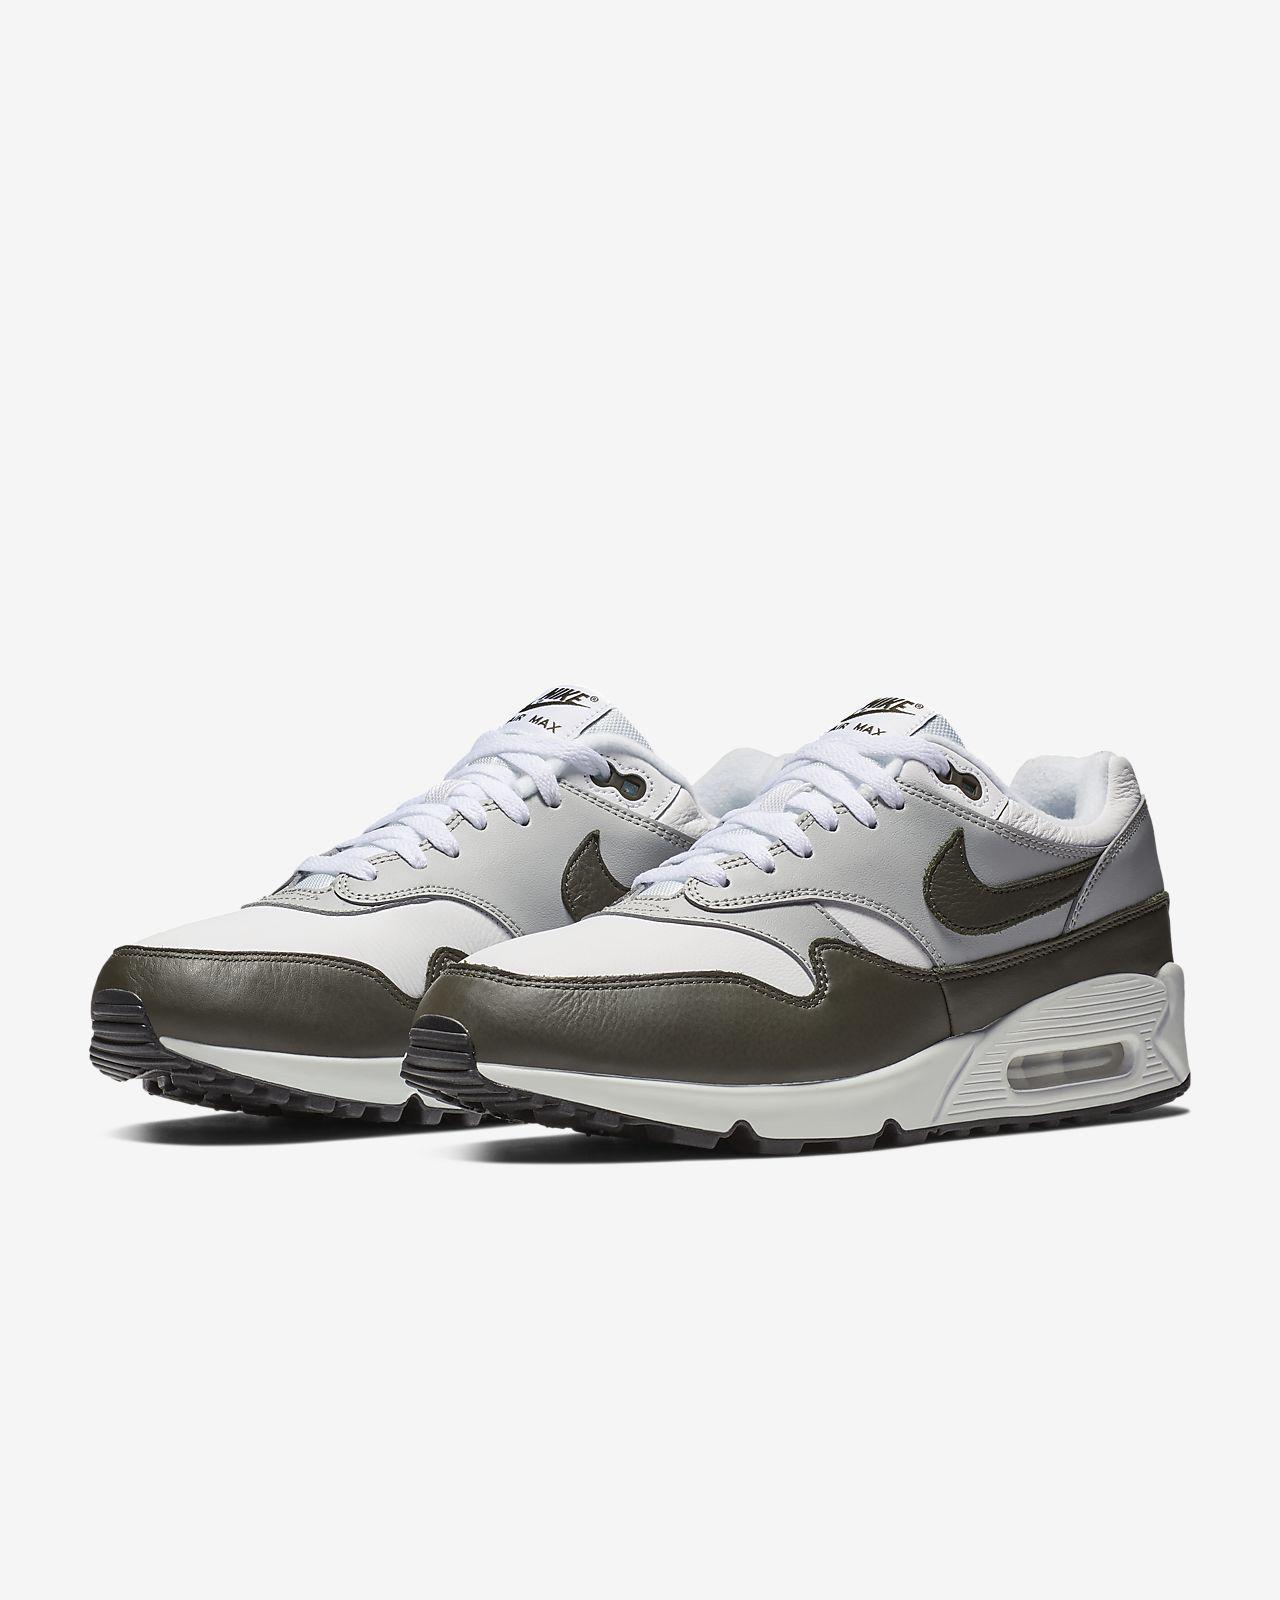 competitive price c04ac 0014c ... Nike Air Max 90 1 Men s Shoe